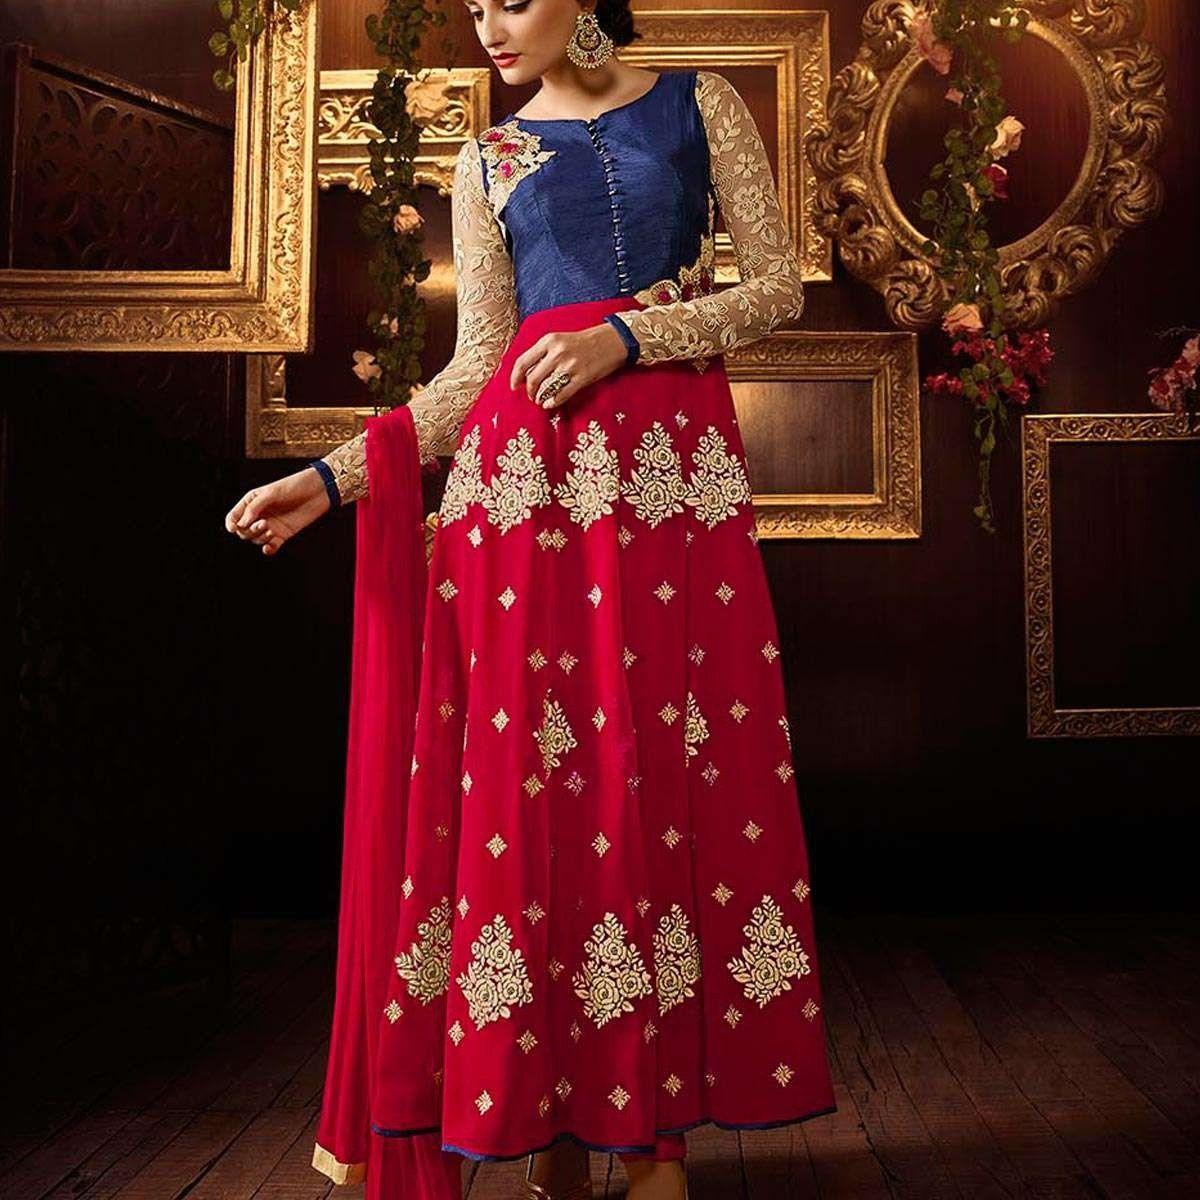 78f0d2dd4a Khadi Silk Pink Blue Long Anarkali Dress » Shoppers99 #khadi #silk  #anarkalidress #anarkalisuit #pink #blue #partywear #partydress #eid